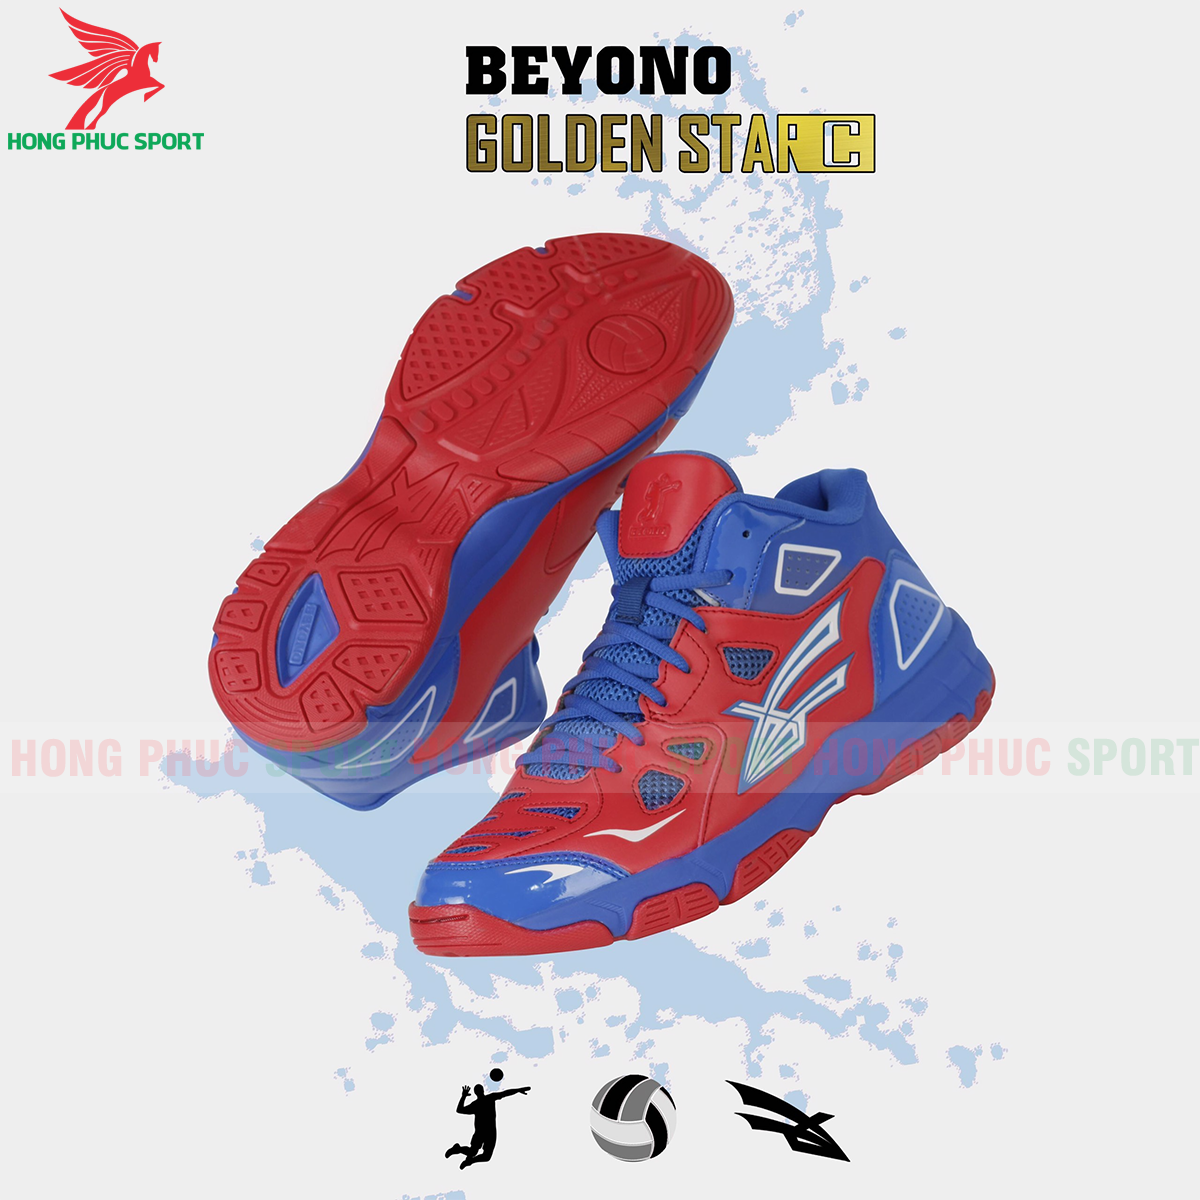 Giày bóng chuyền Beyono Golden Star C màu đỏ xanh